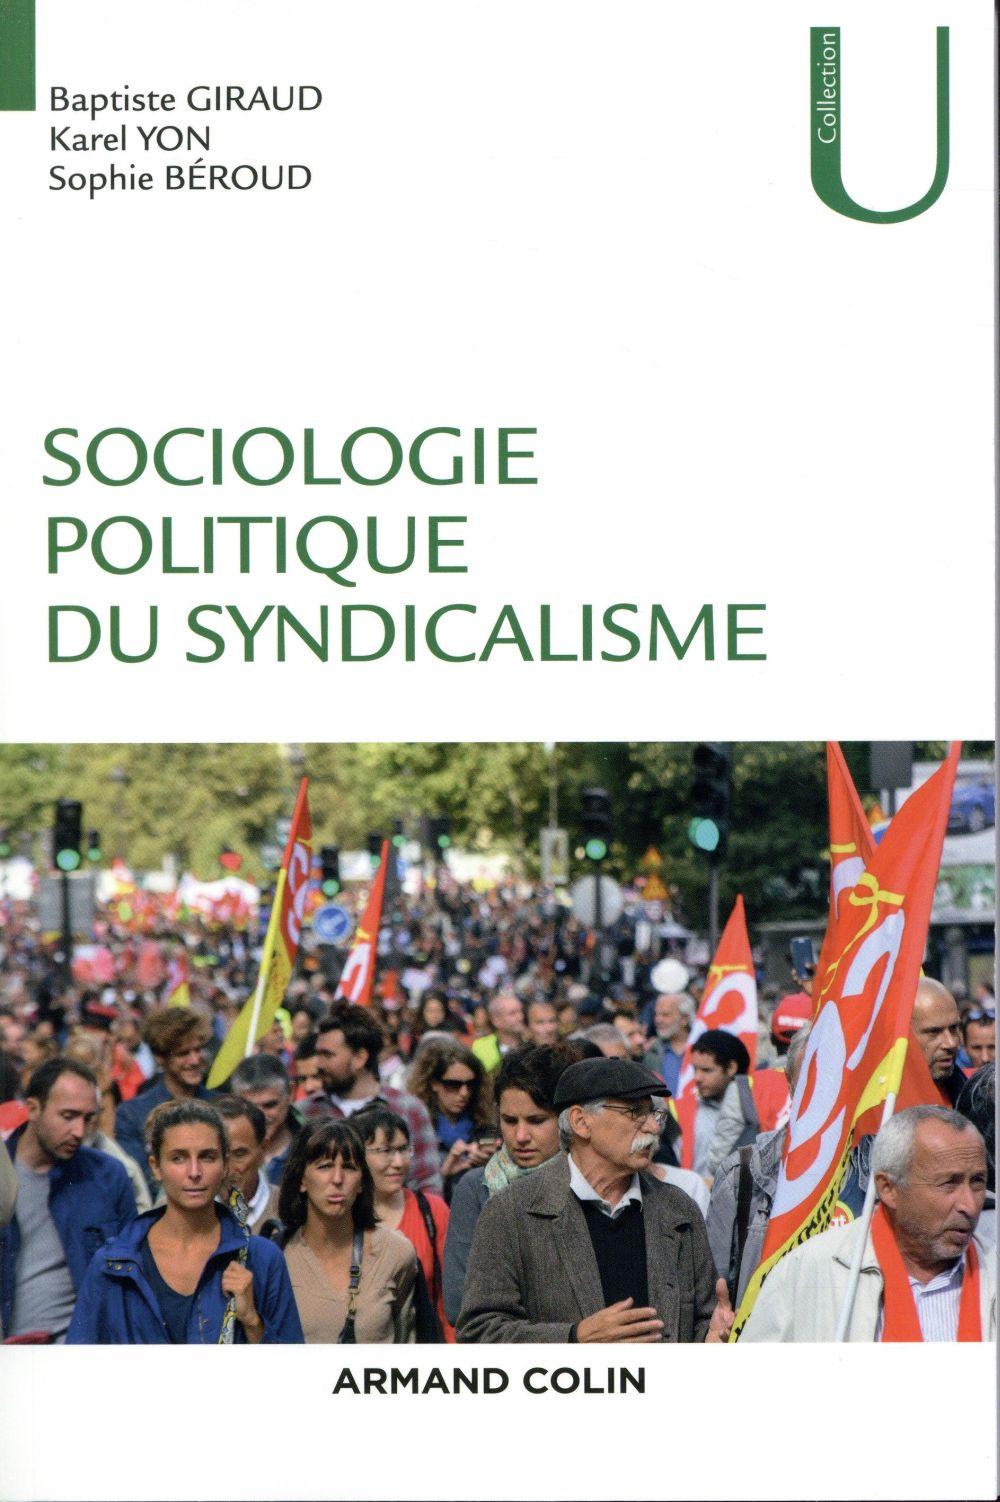 Sociologie politique du syndicalisme ; introduction à l'analyse sociologique des syndicats